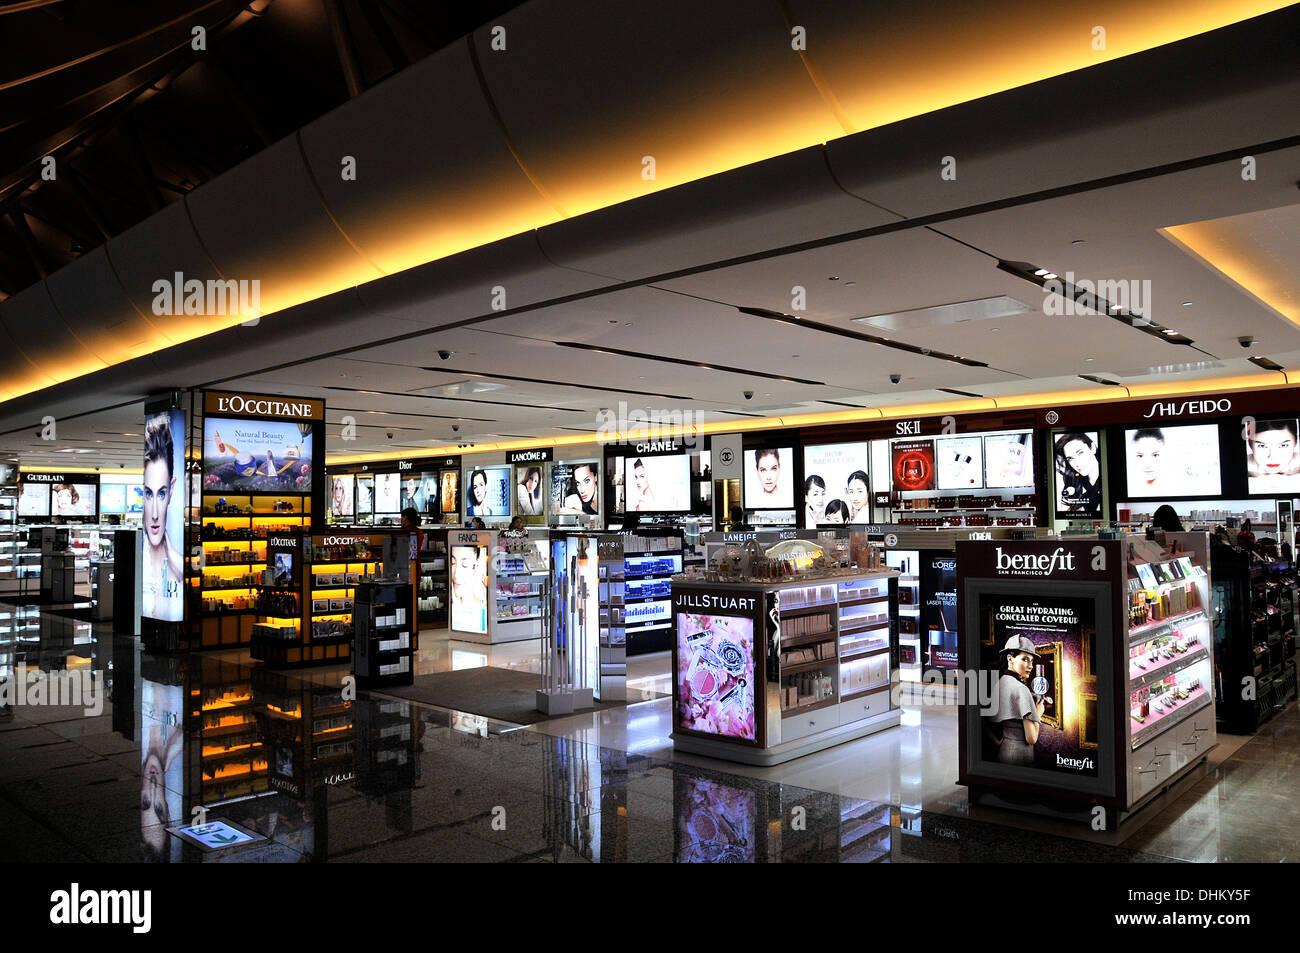 Shop Duty Free Et L'aéroport Boutique De Cosmétiques Parfum rCoshQBtdx